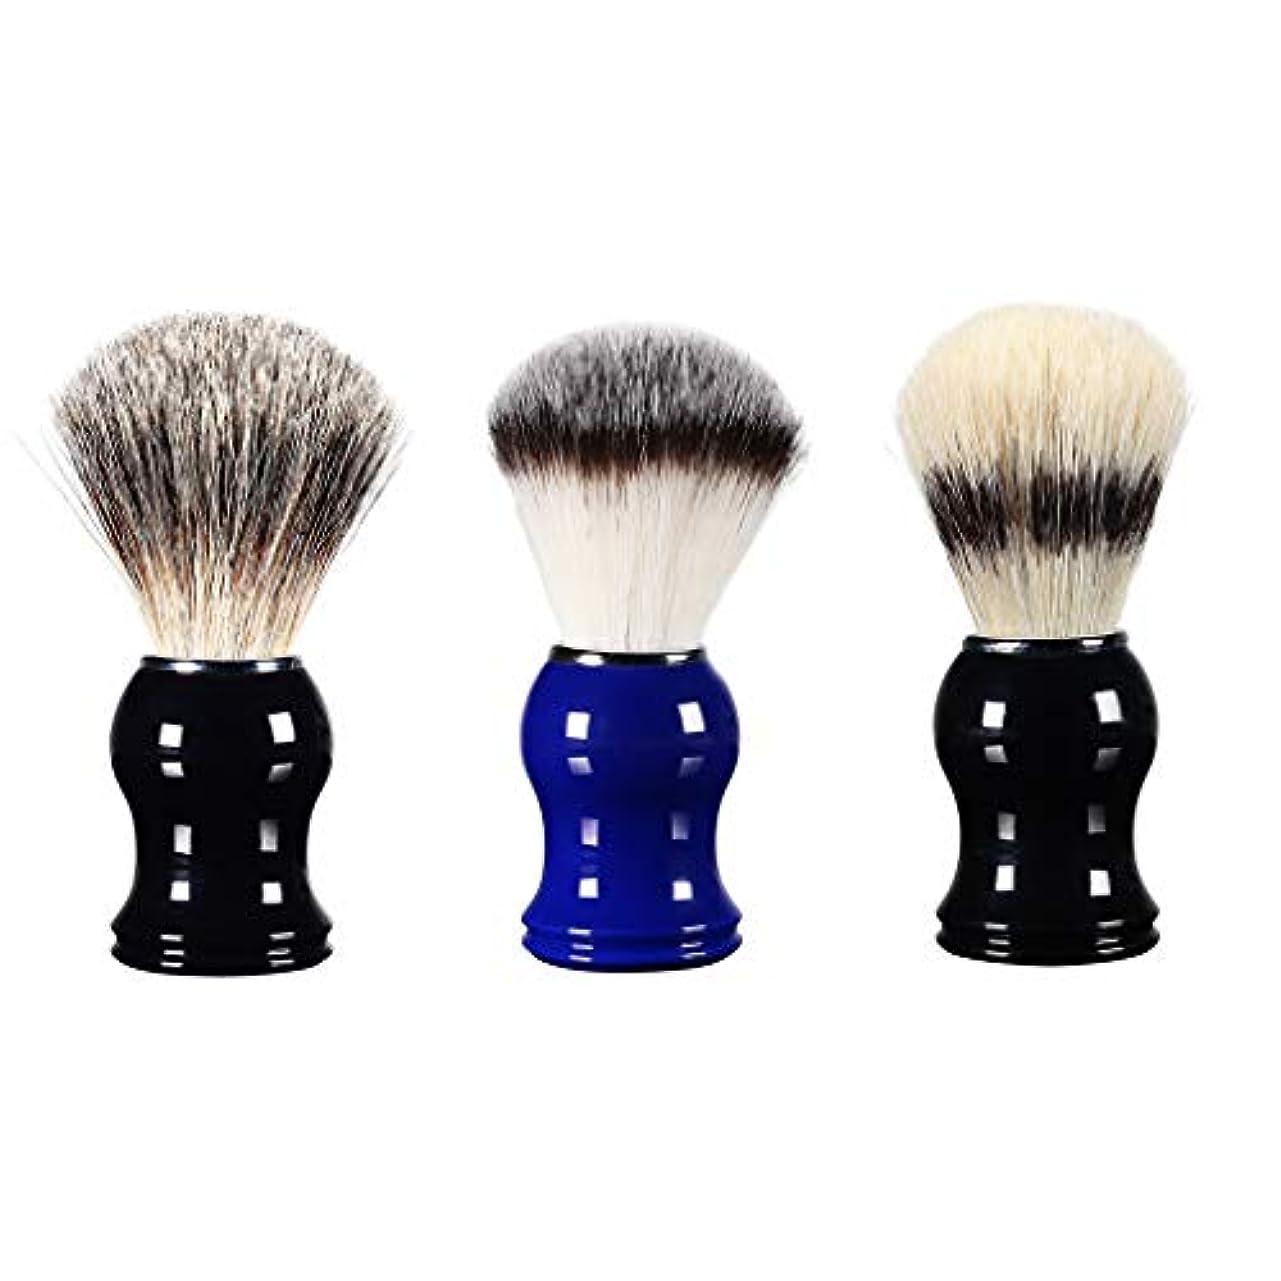 視線説明セイはさておきchiwanji 3個 男性用 シェービング用ブラシ 理容 洗顔 髭剃り 泡立ち アクセサリー